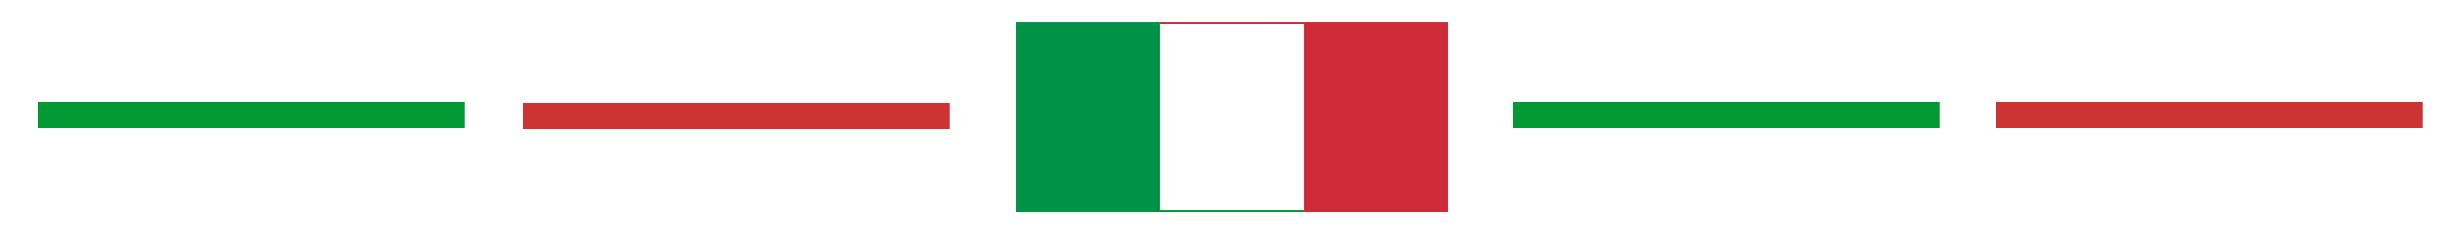 ItalianoStriscia copia.jpg